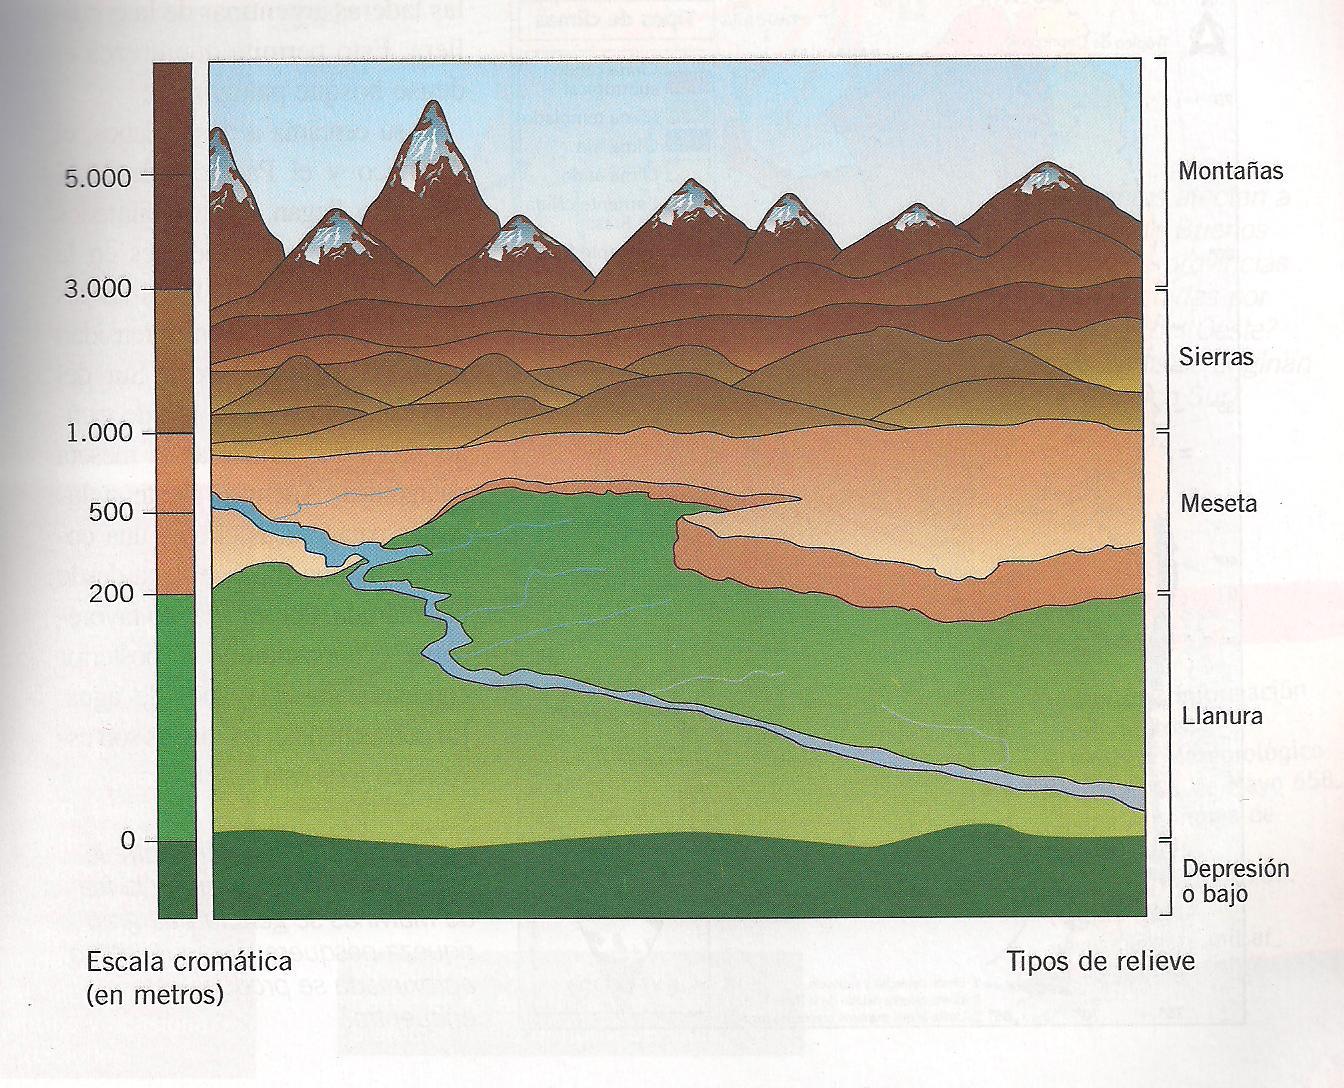 geografia escala cromatica: